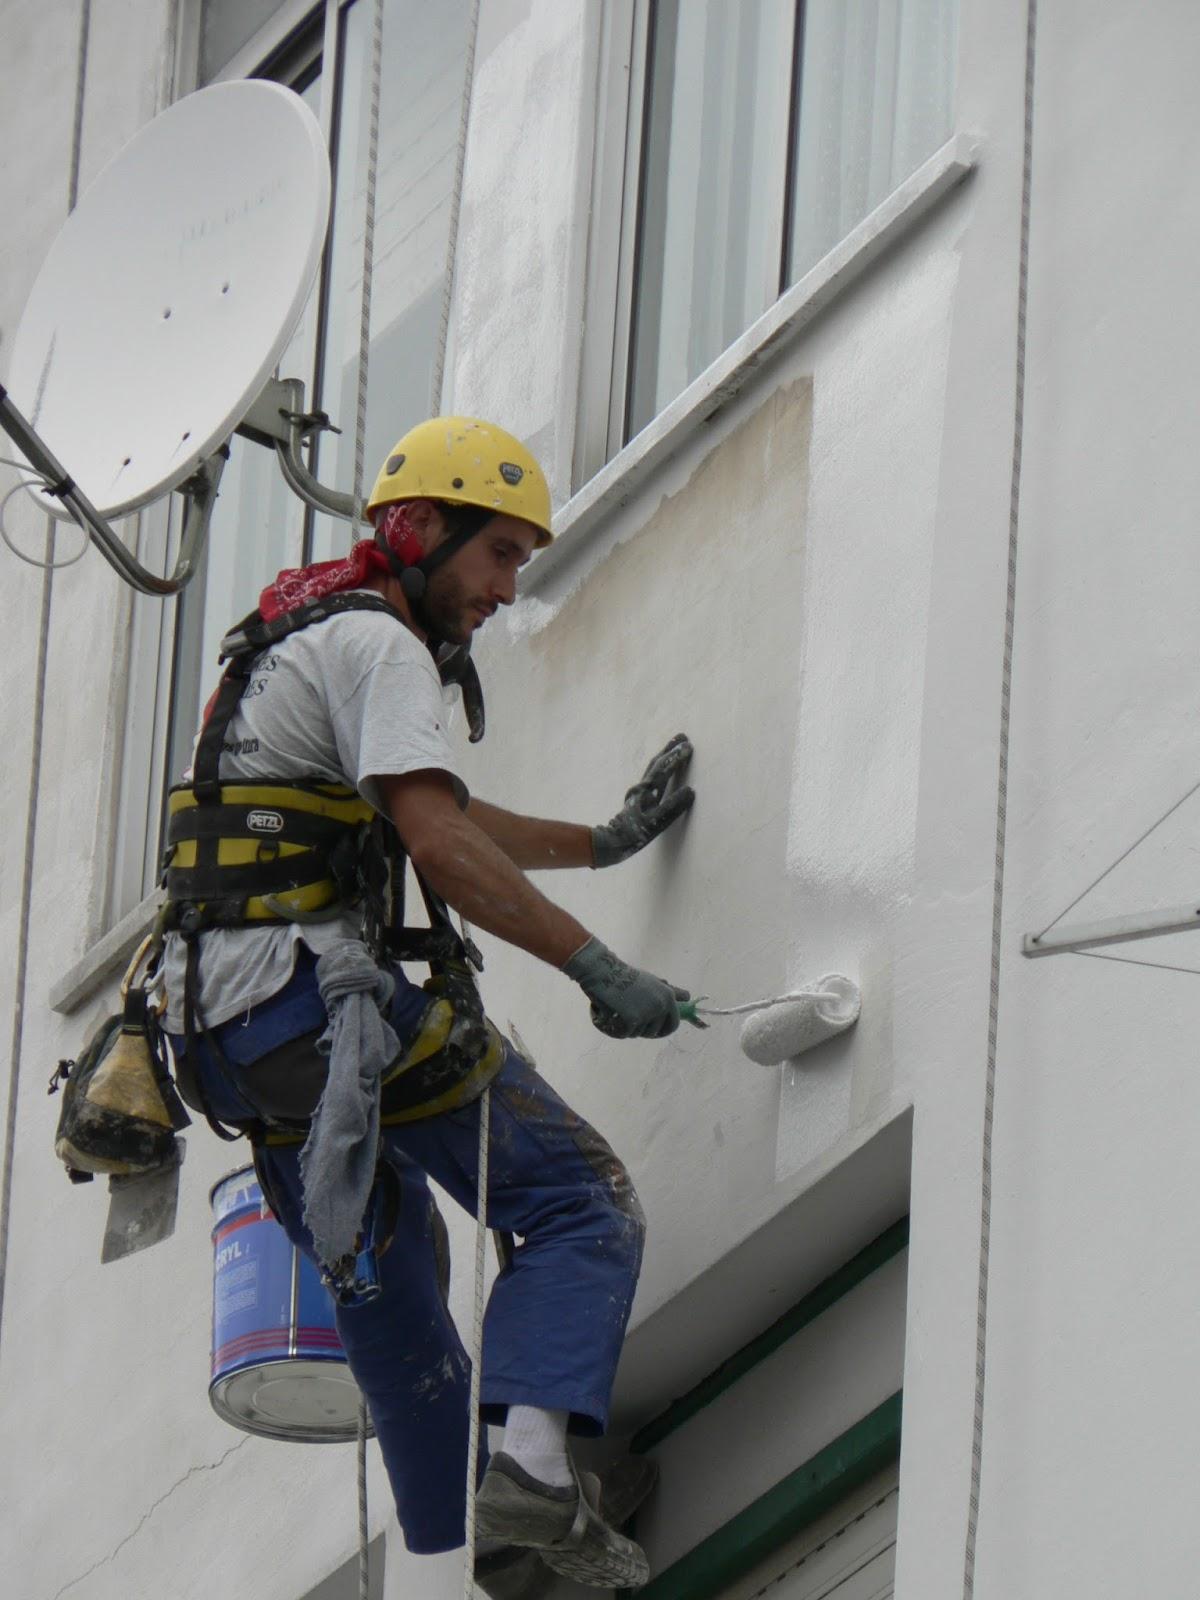 Rehabilitaci n de edificios aplicaciones celeste - Pintado de fachadas ...